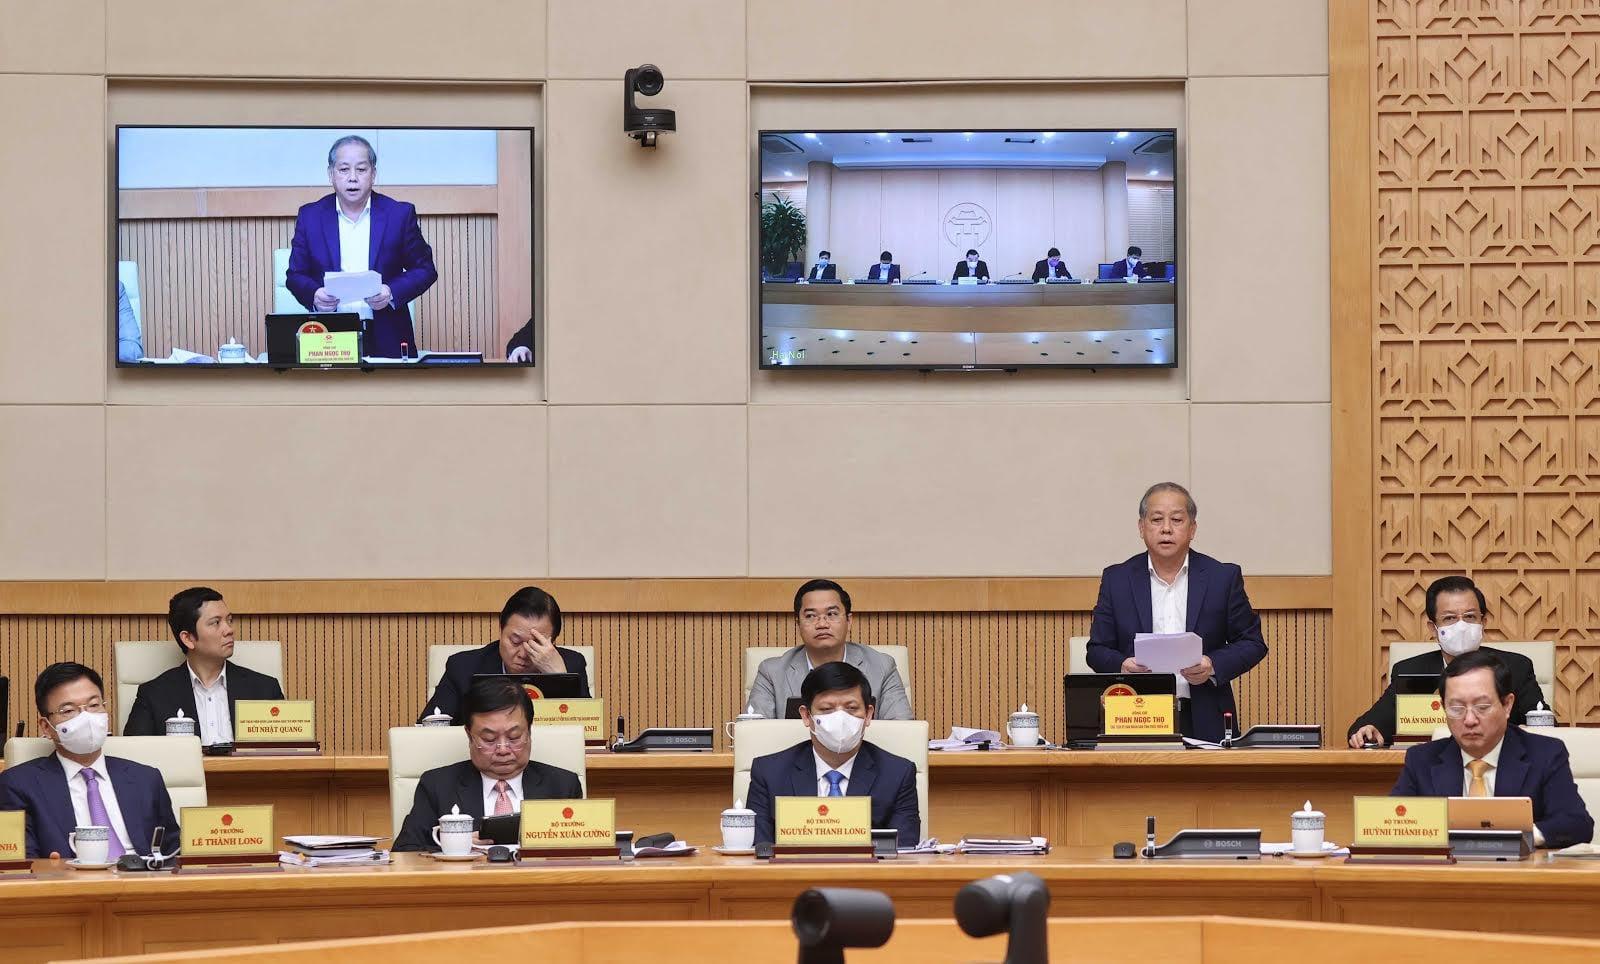 Chủ tịch UBND tỉnh Thừa Thiên Huế Phan Ngọc Thọ báo cáo Đề án Cơ chế chính sách đặc thù xây dựng Thừa Thiên Huế trở thành thành phố trực thuộc Trung ương, tại Phiên họp Chính phủ thường kỳ tháng 2/2021.